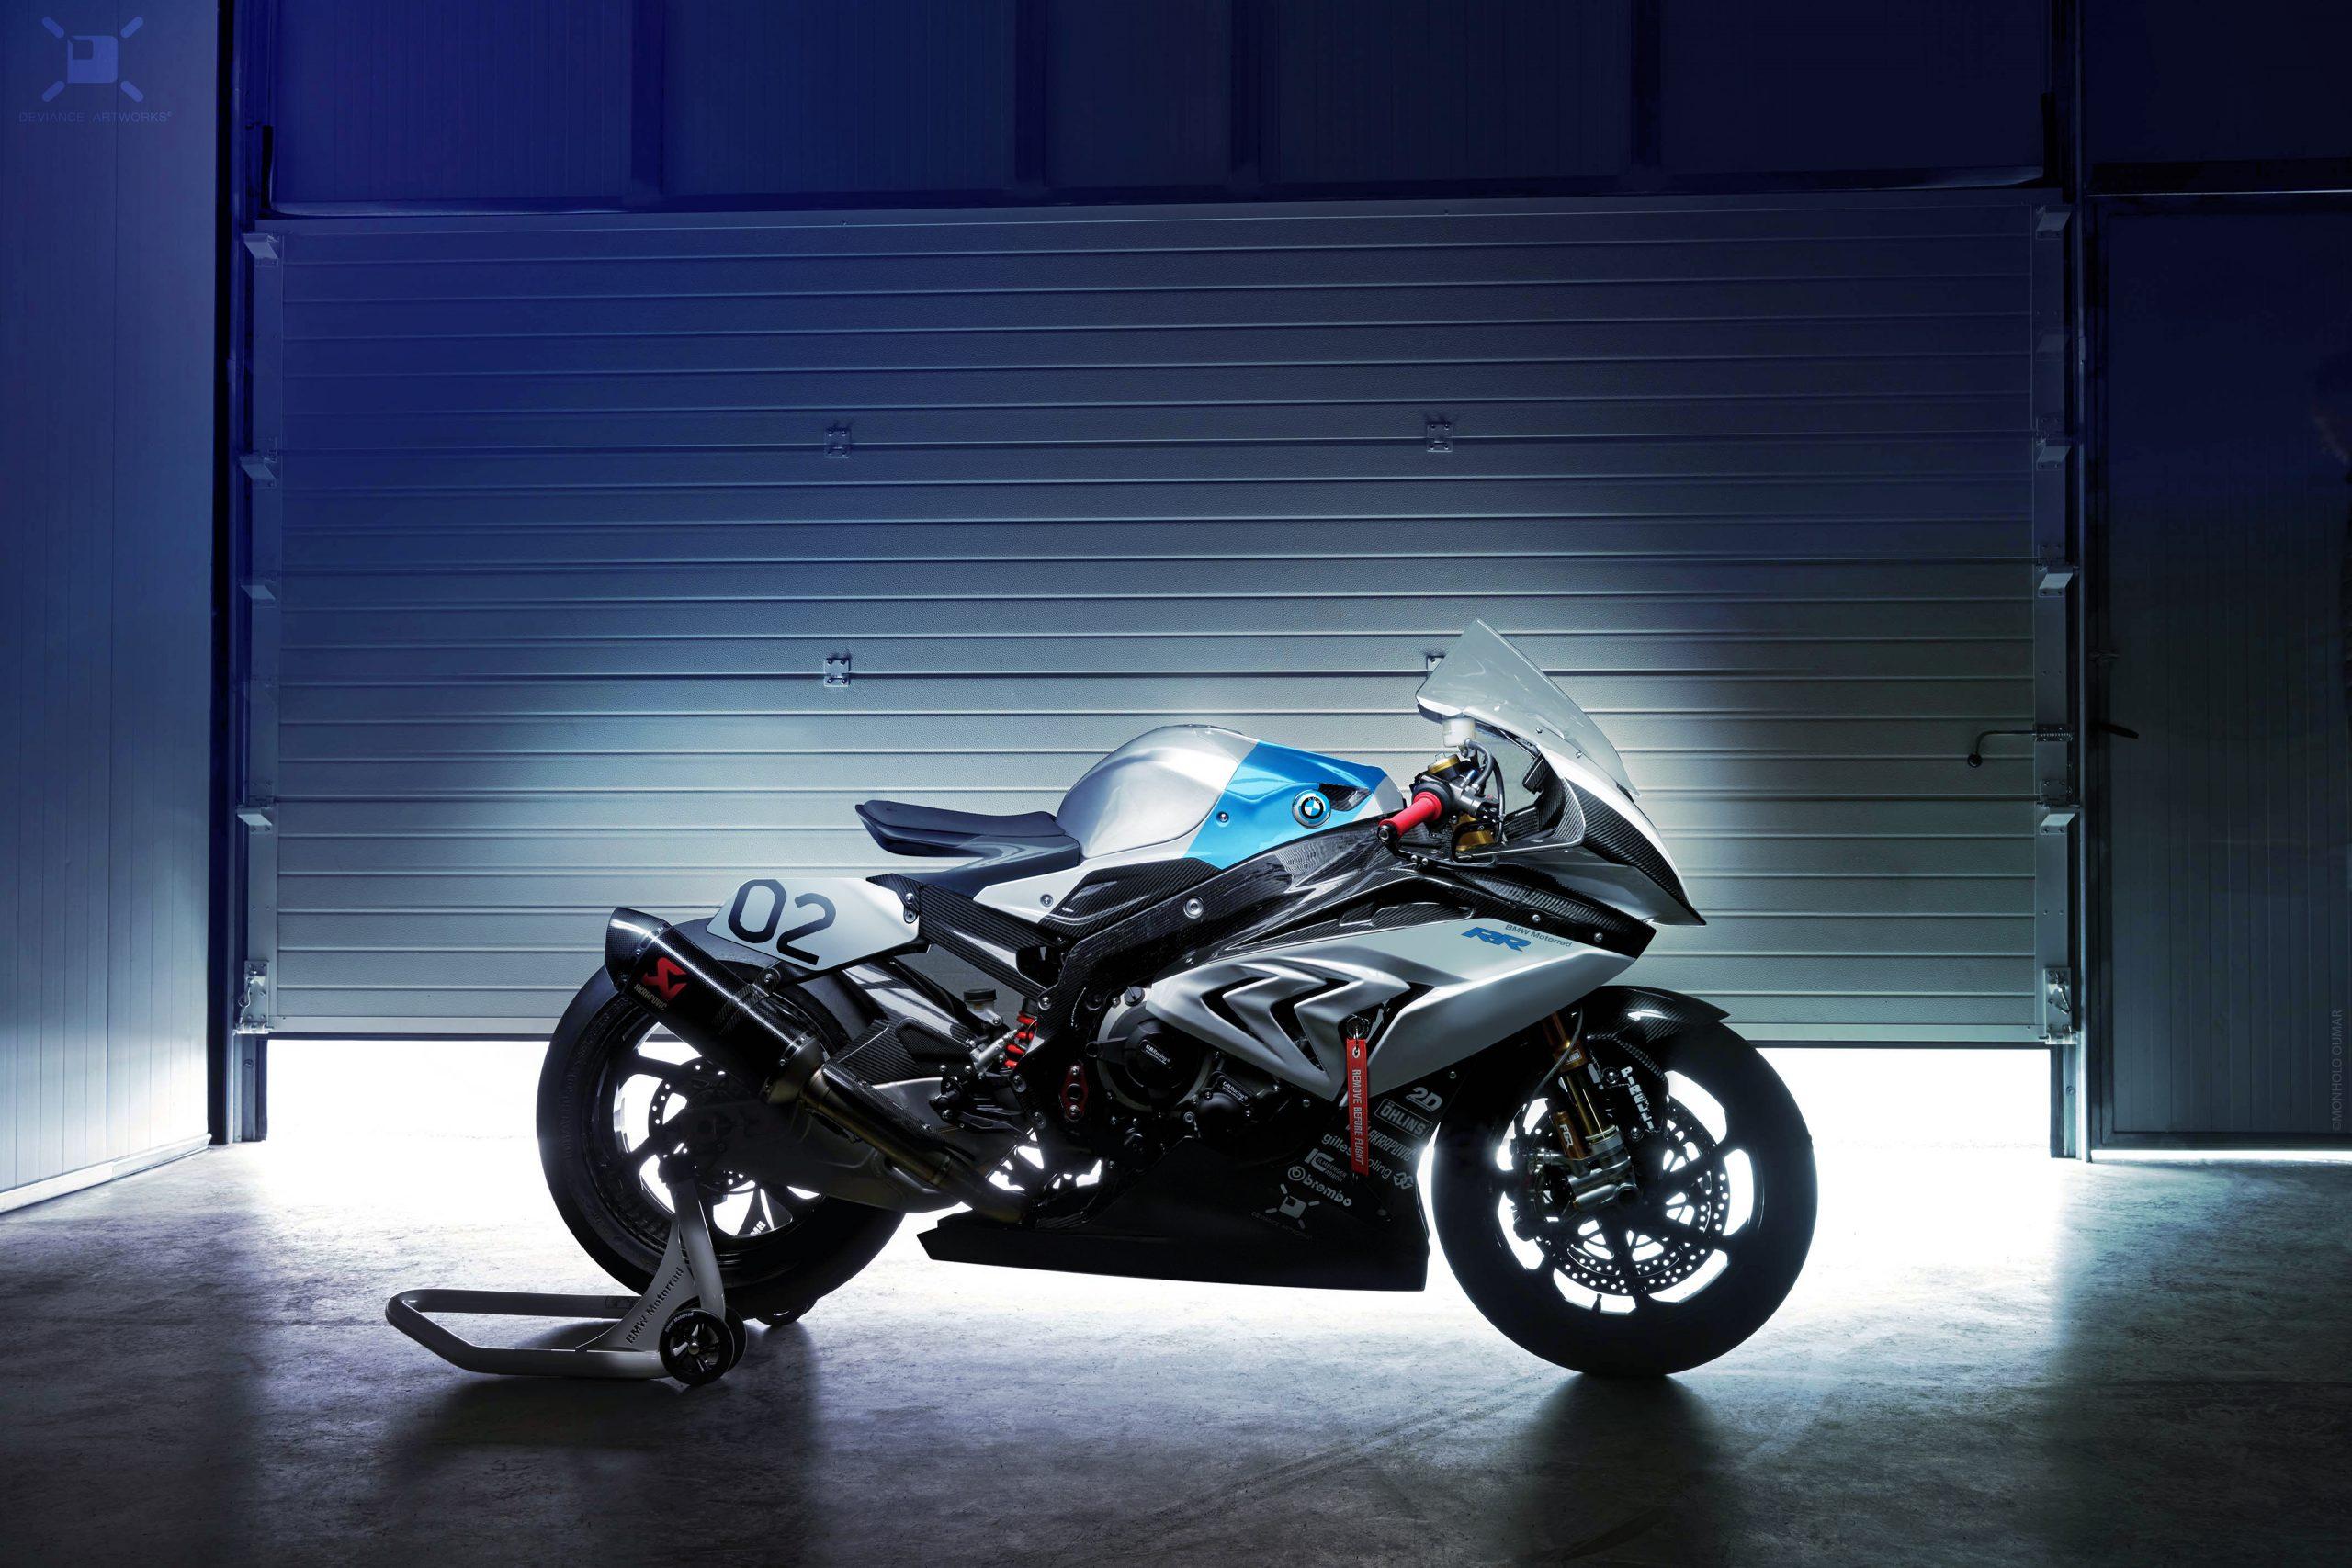 Bmw Motorcycle 4k Wallpapers Badasshelmetstore